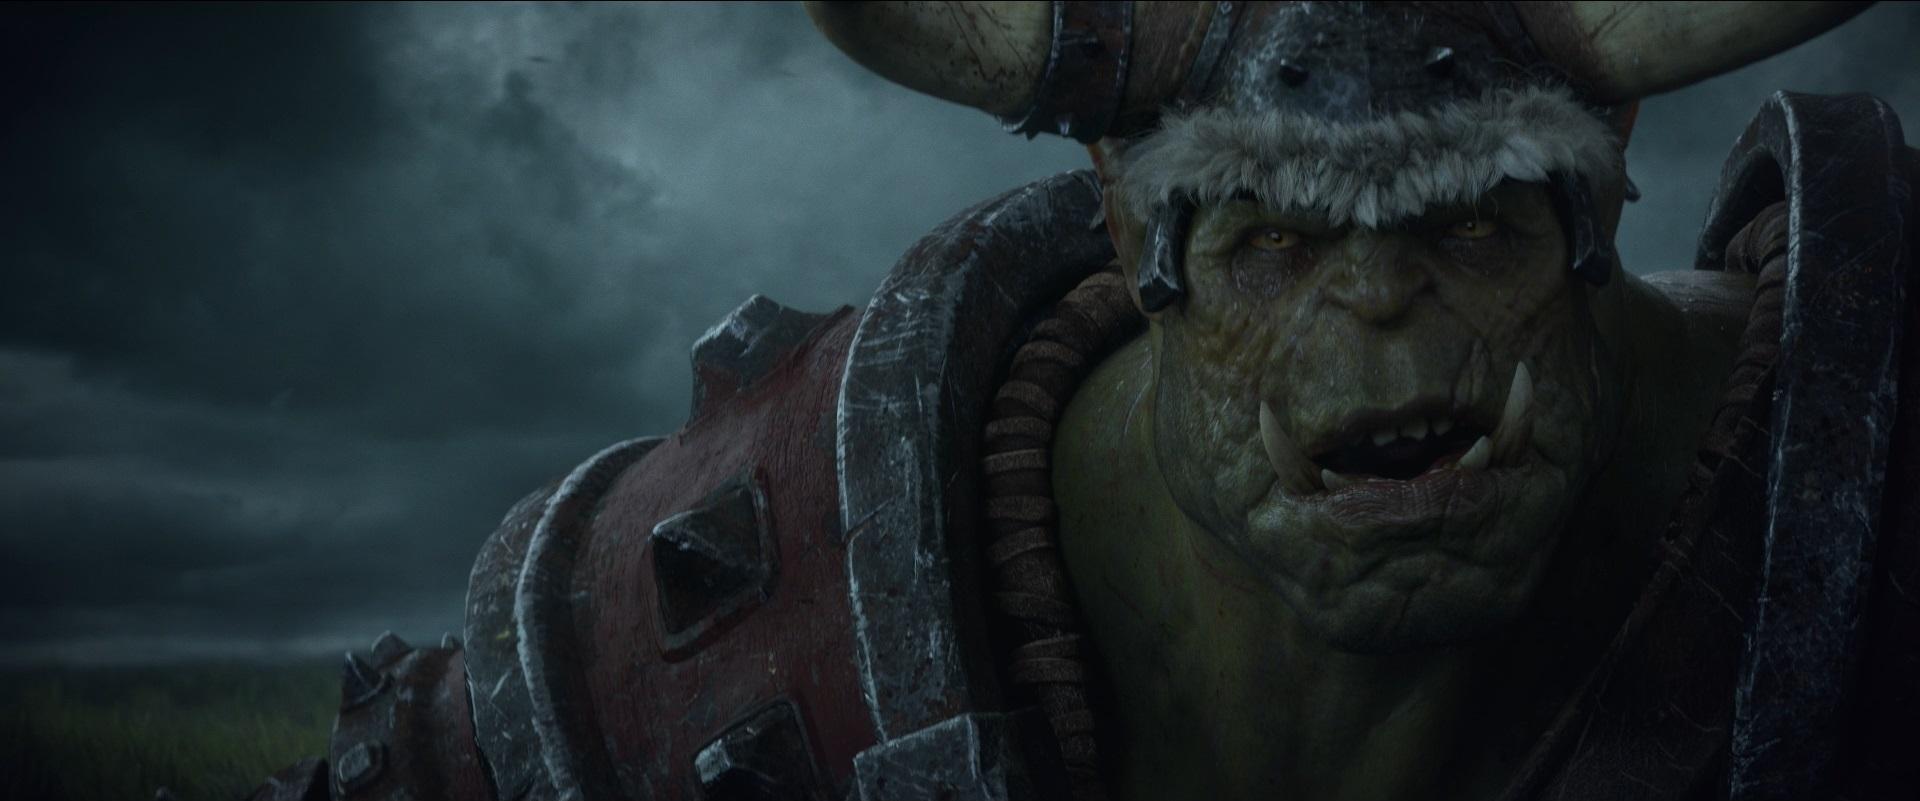 Warcraft III Reforged - Intro Grunt.jpg